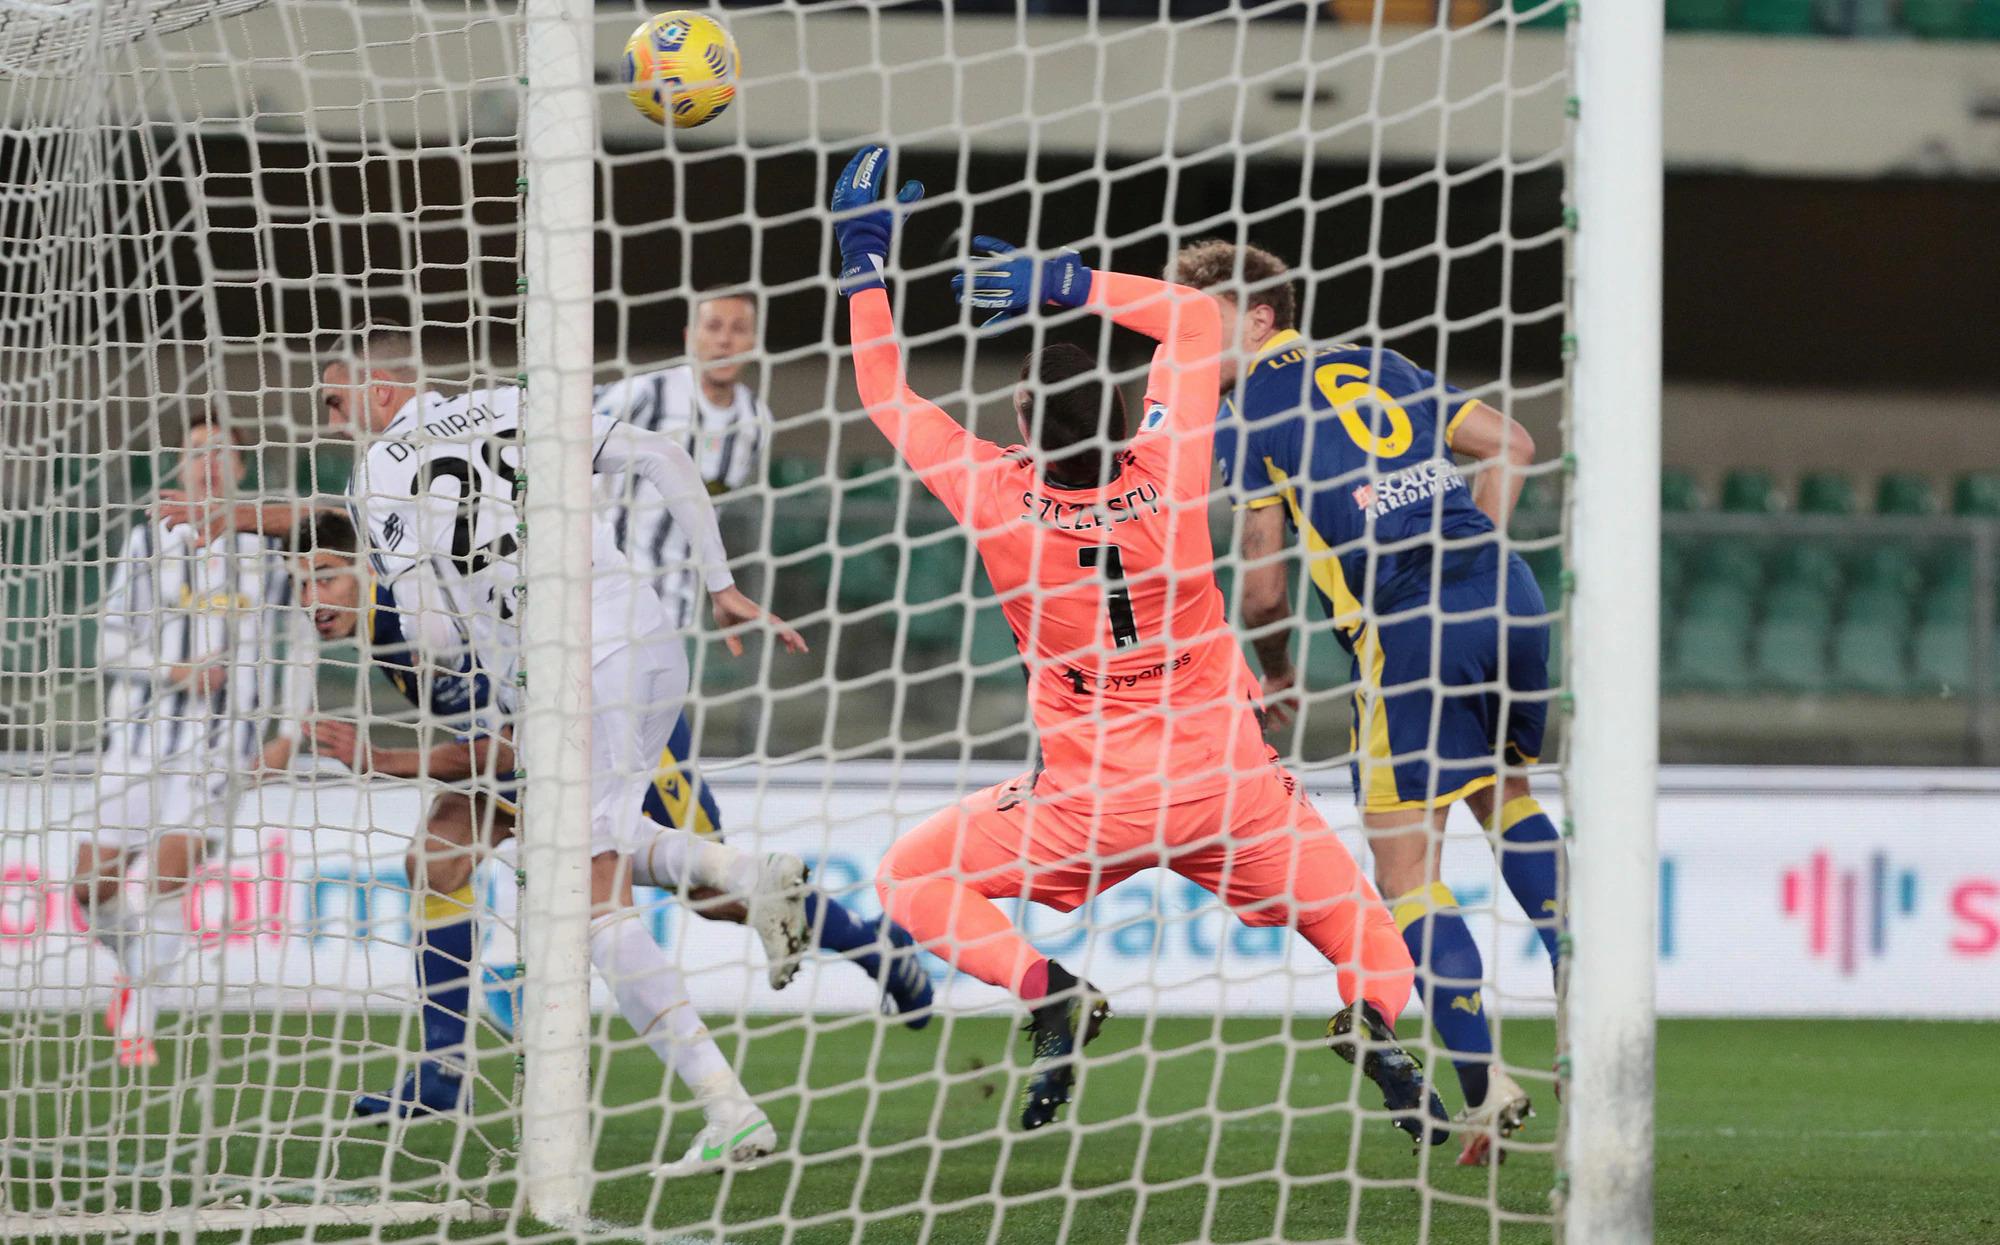 Cột dọc cứu Juventus khỏi bàn thua ngay đầu trận từ cú đánh đầu của Faraoni. Ảnh: ANSA